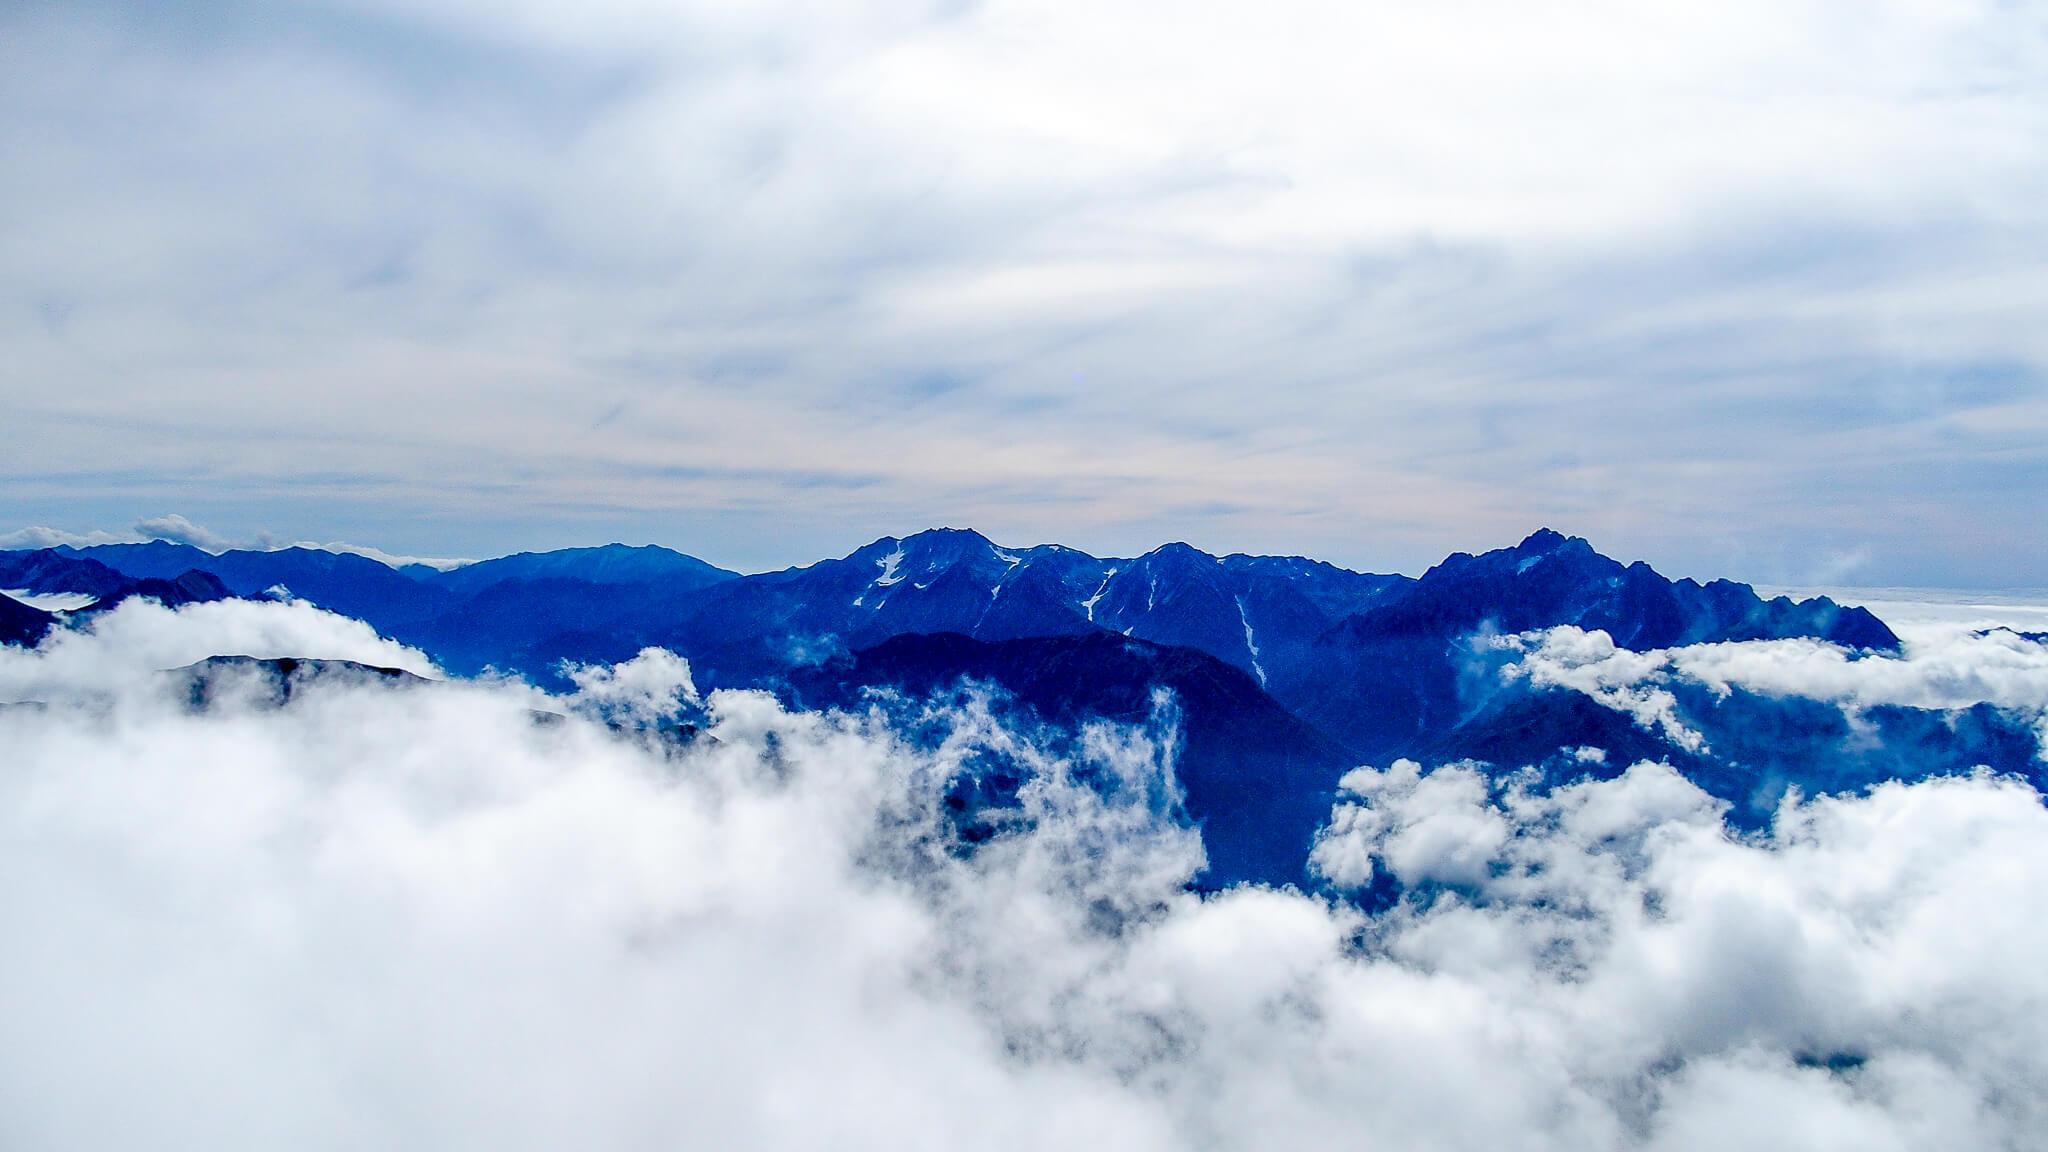 五竜岳からの山頂景色